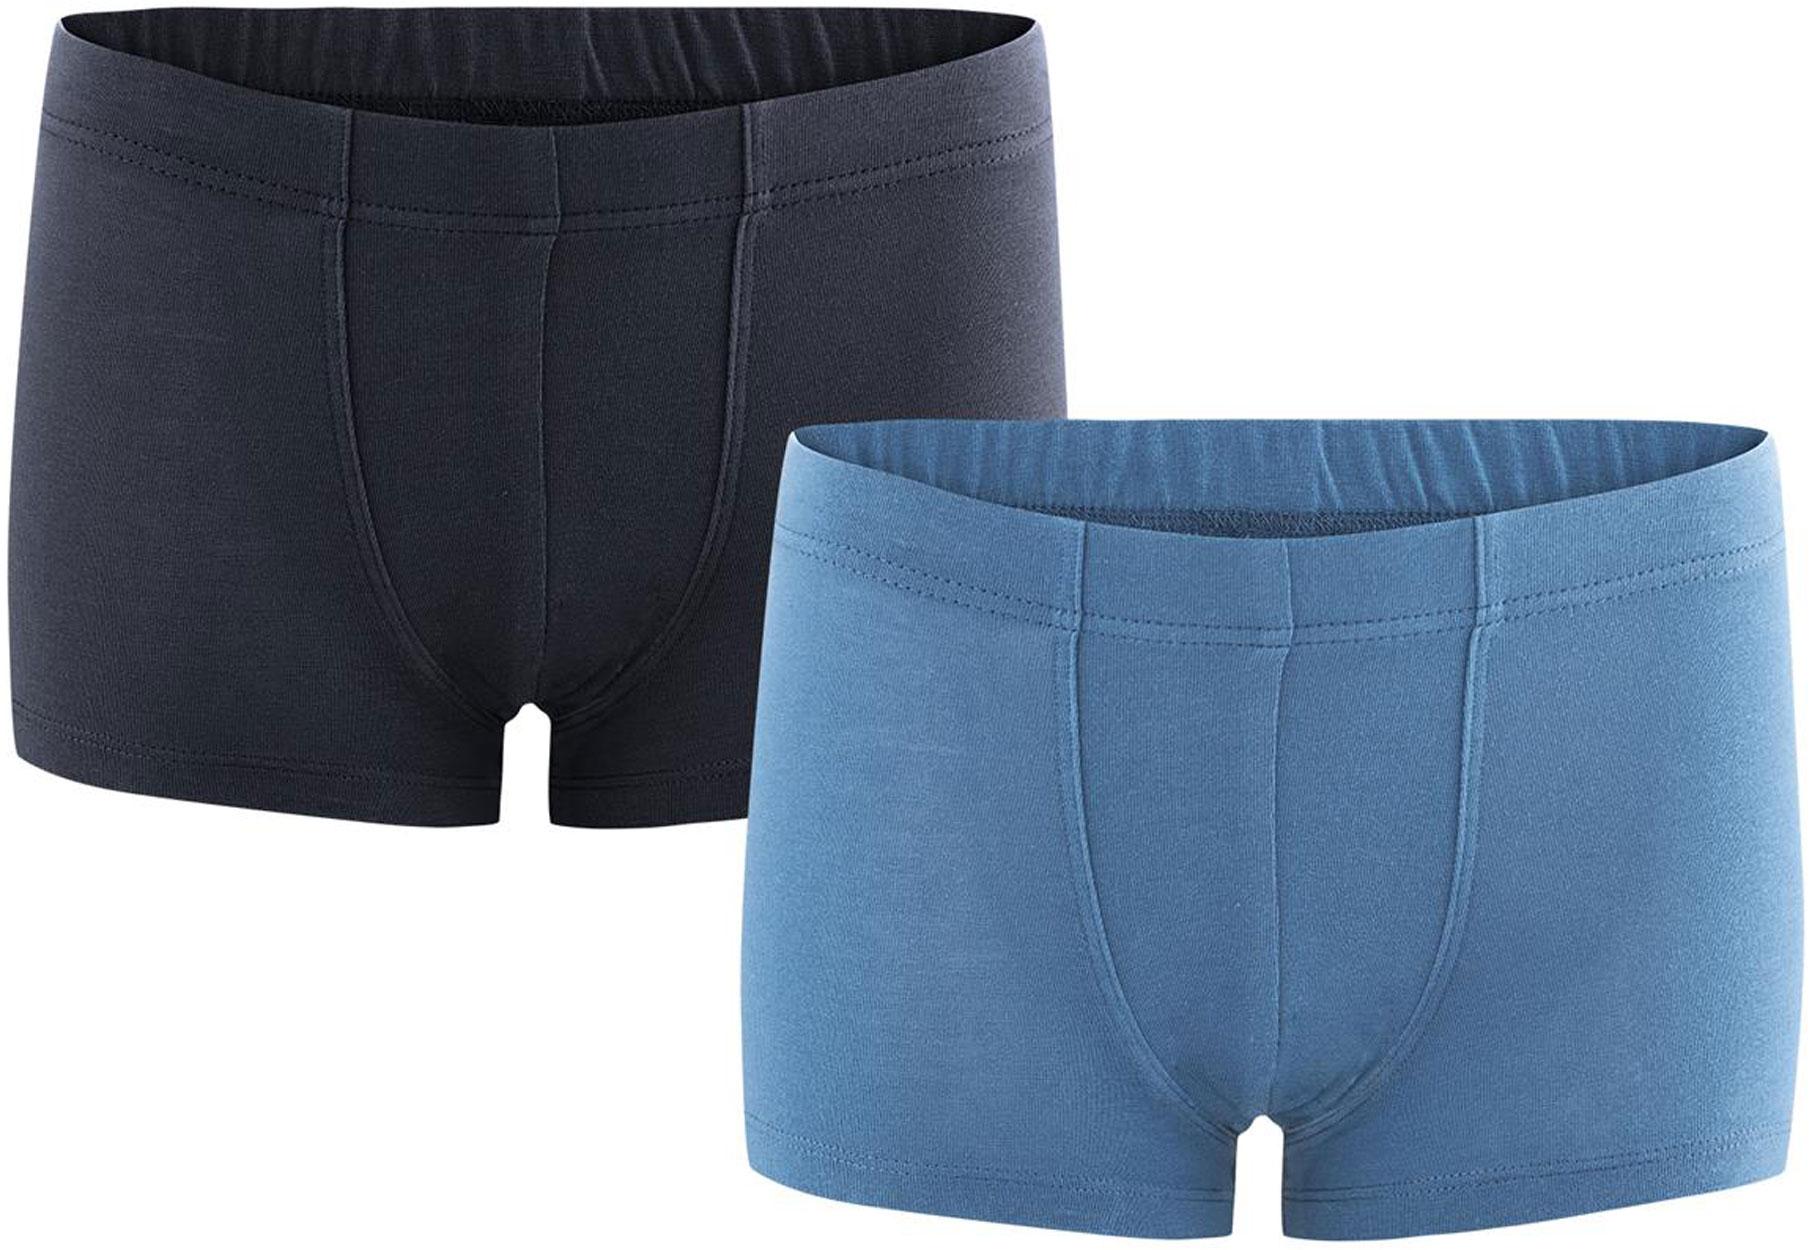 Jungs Unterhosen aus Bio-Baumwolle im Doppelpack   grundstoff.net cf02da78b6